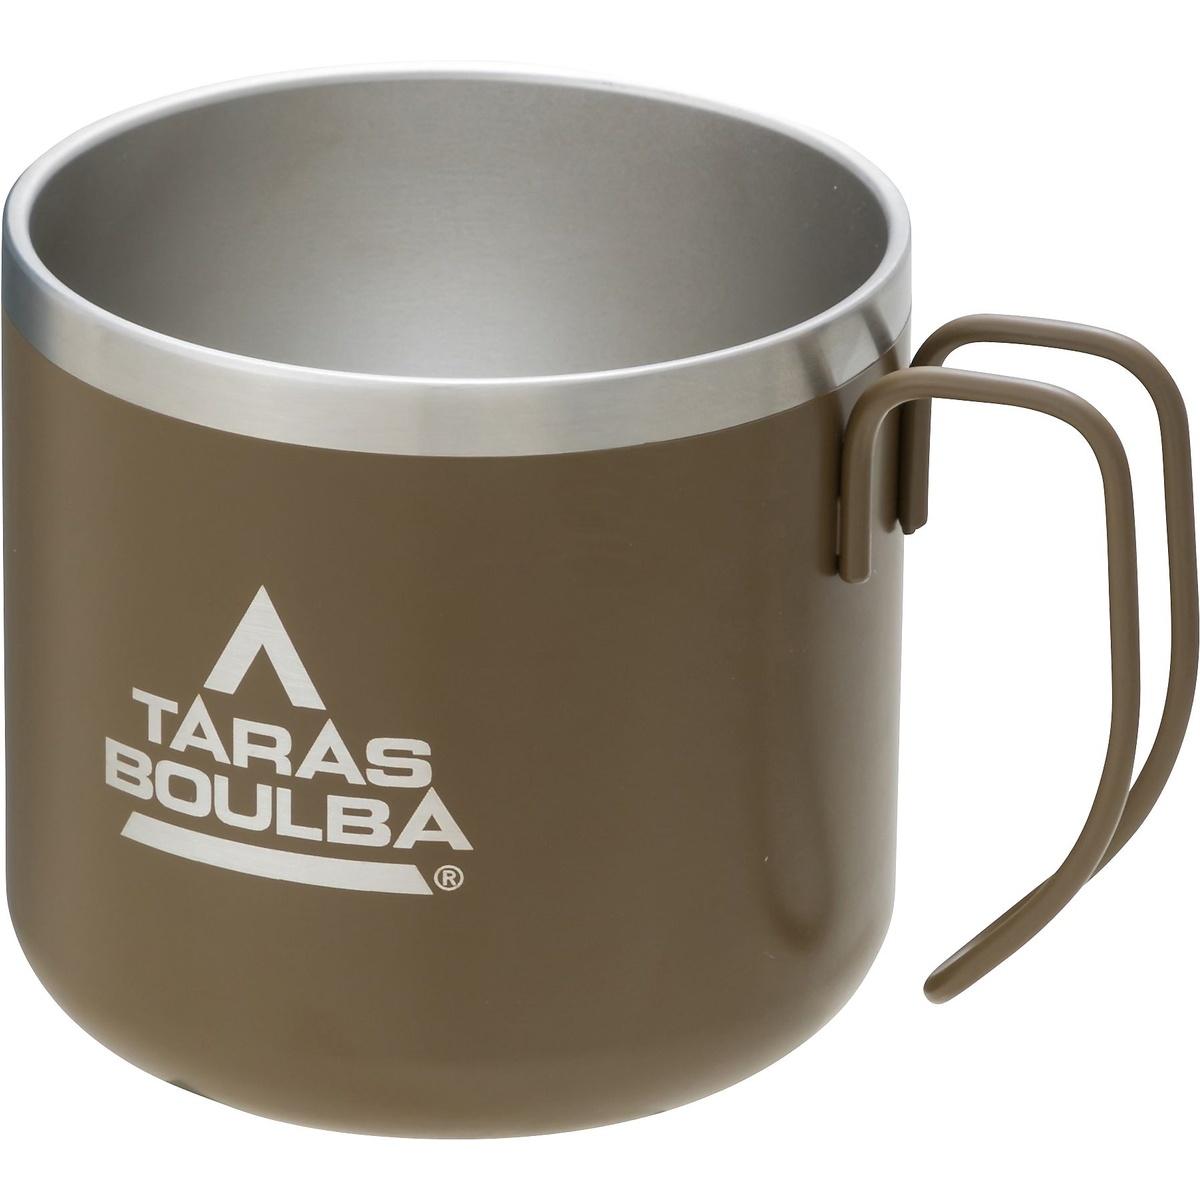 タラスブルバ キャンプ用品 クーラーボックス ジャグ タンク TB ダブルステンレスマグカップ KHK 350 TARAS TB-S19-015-053 定番 BOULBA カーキ 新作入荷